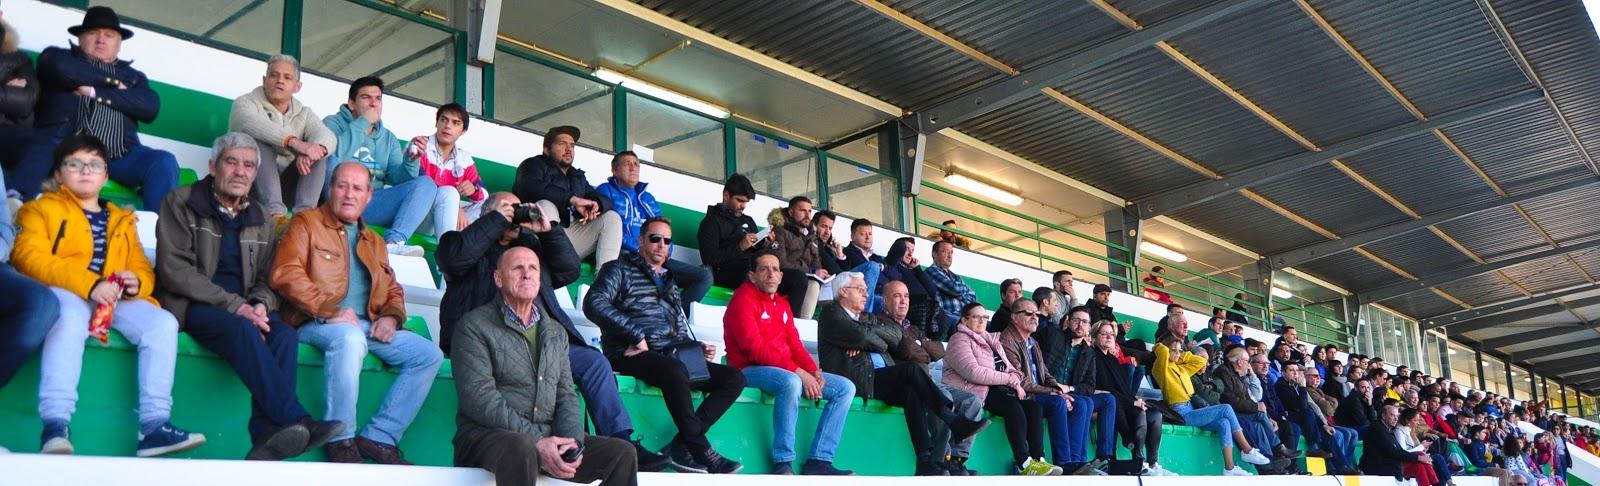 FUTEBOL INTERNACIONAL - Portugal e Espanha empatam em Campo Maior ... 969304f722970